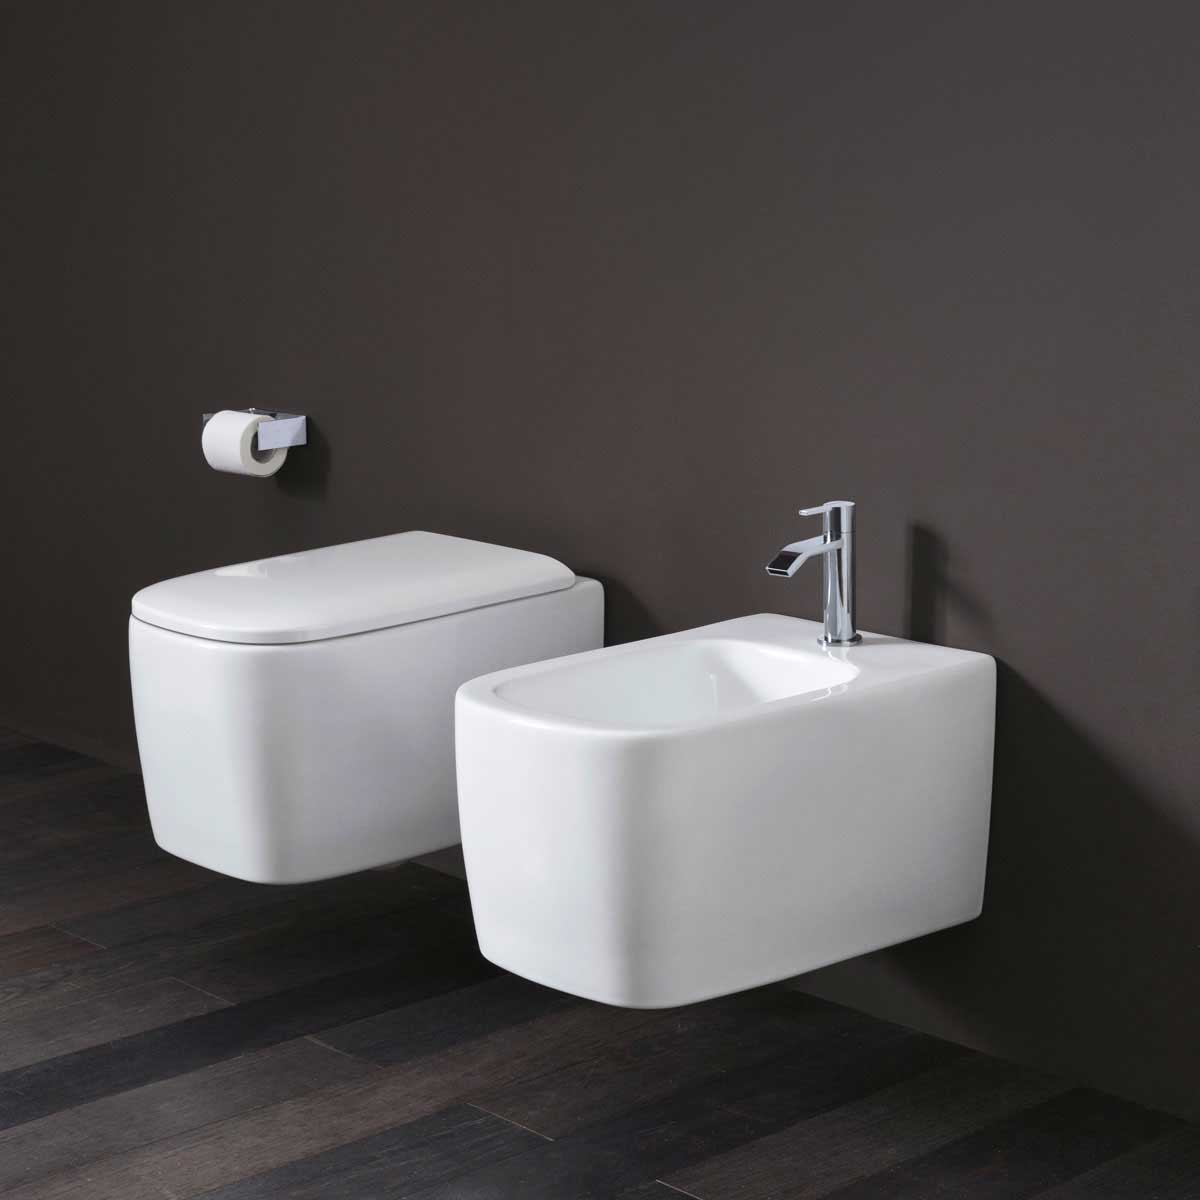 bagno-moderno-10-cose-da-fare-per-arredarlo-al-meglio-12